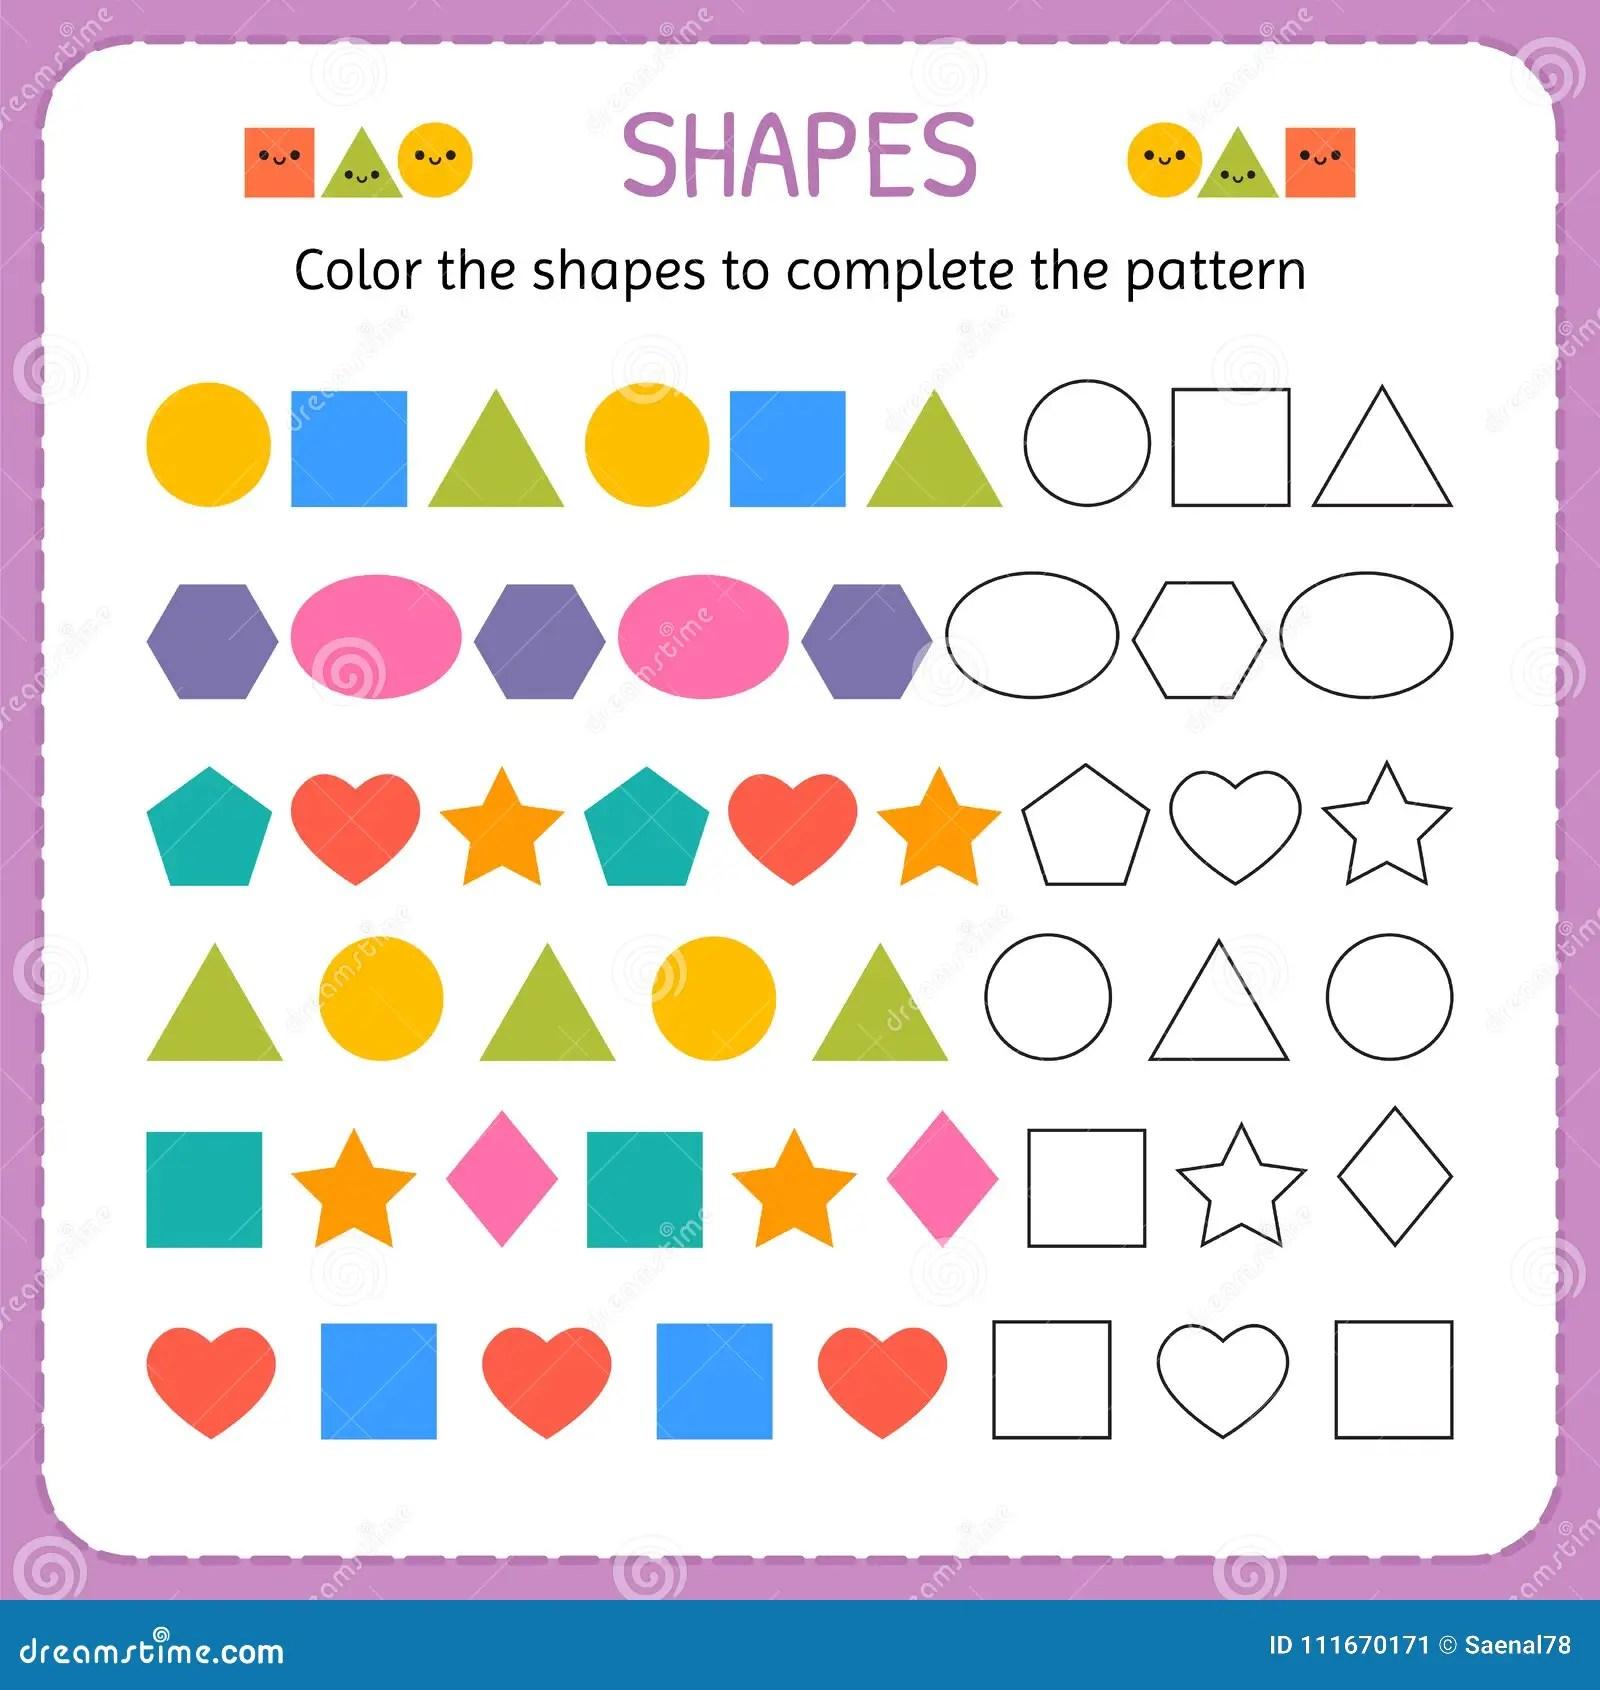 Colori Le Forme Per Completare Il Modello Impari Le Forme